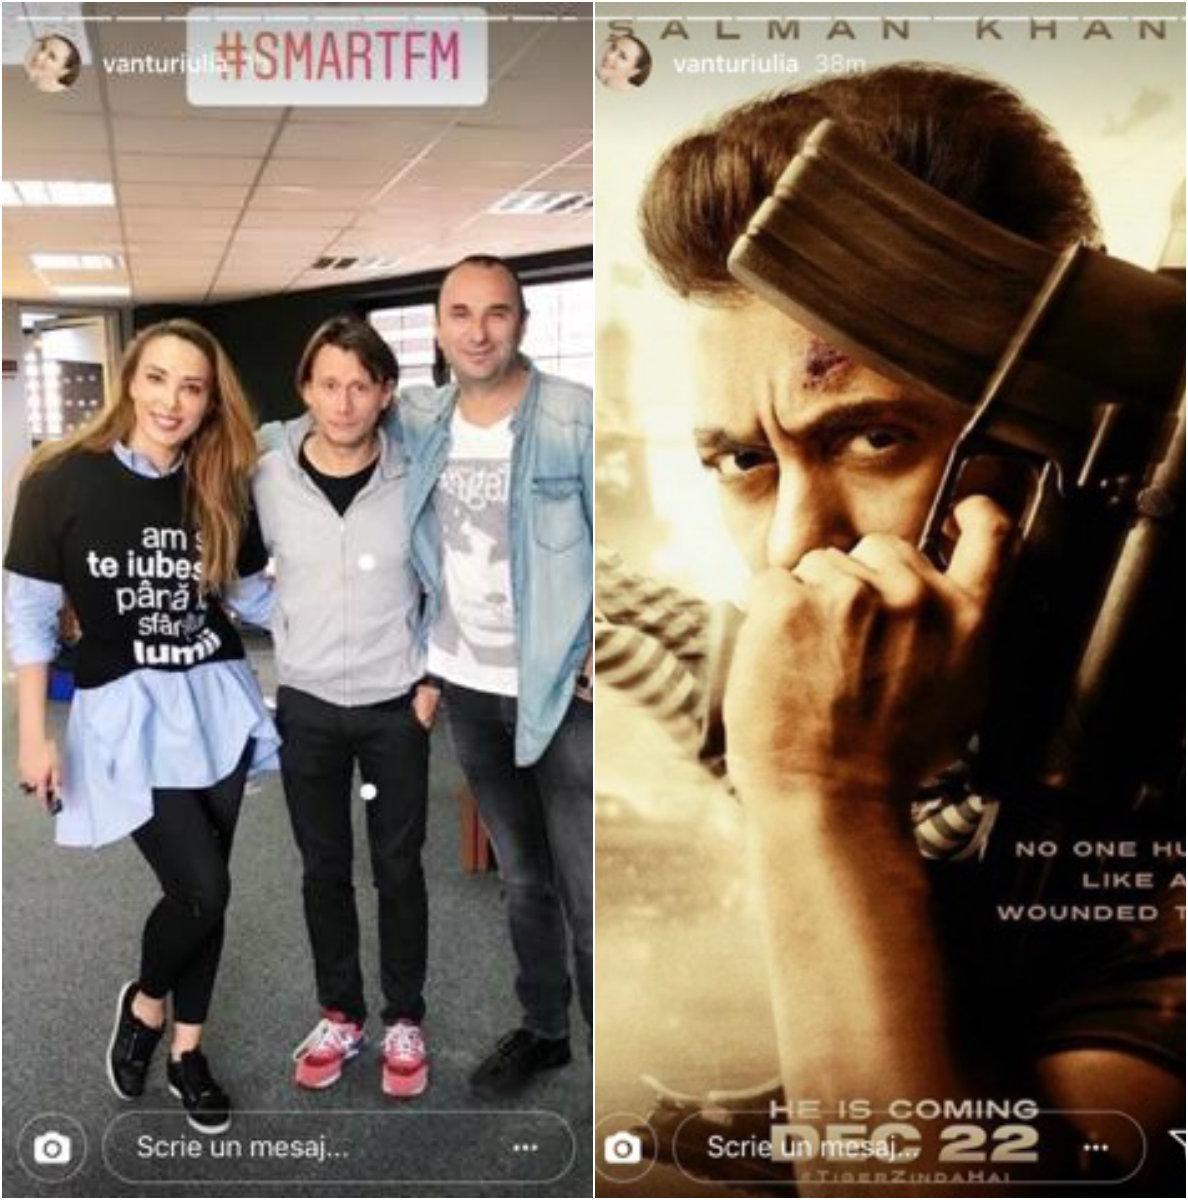 Iulia Vântur, declaratie de dragoste pentru Salman Khan dupa ce s-a spus ca s-au despartit